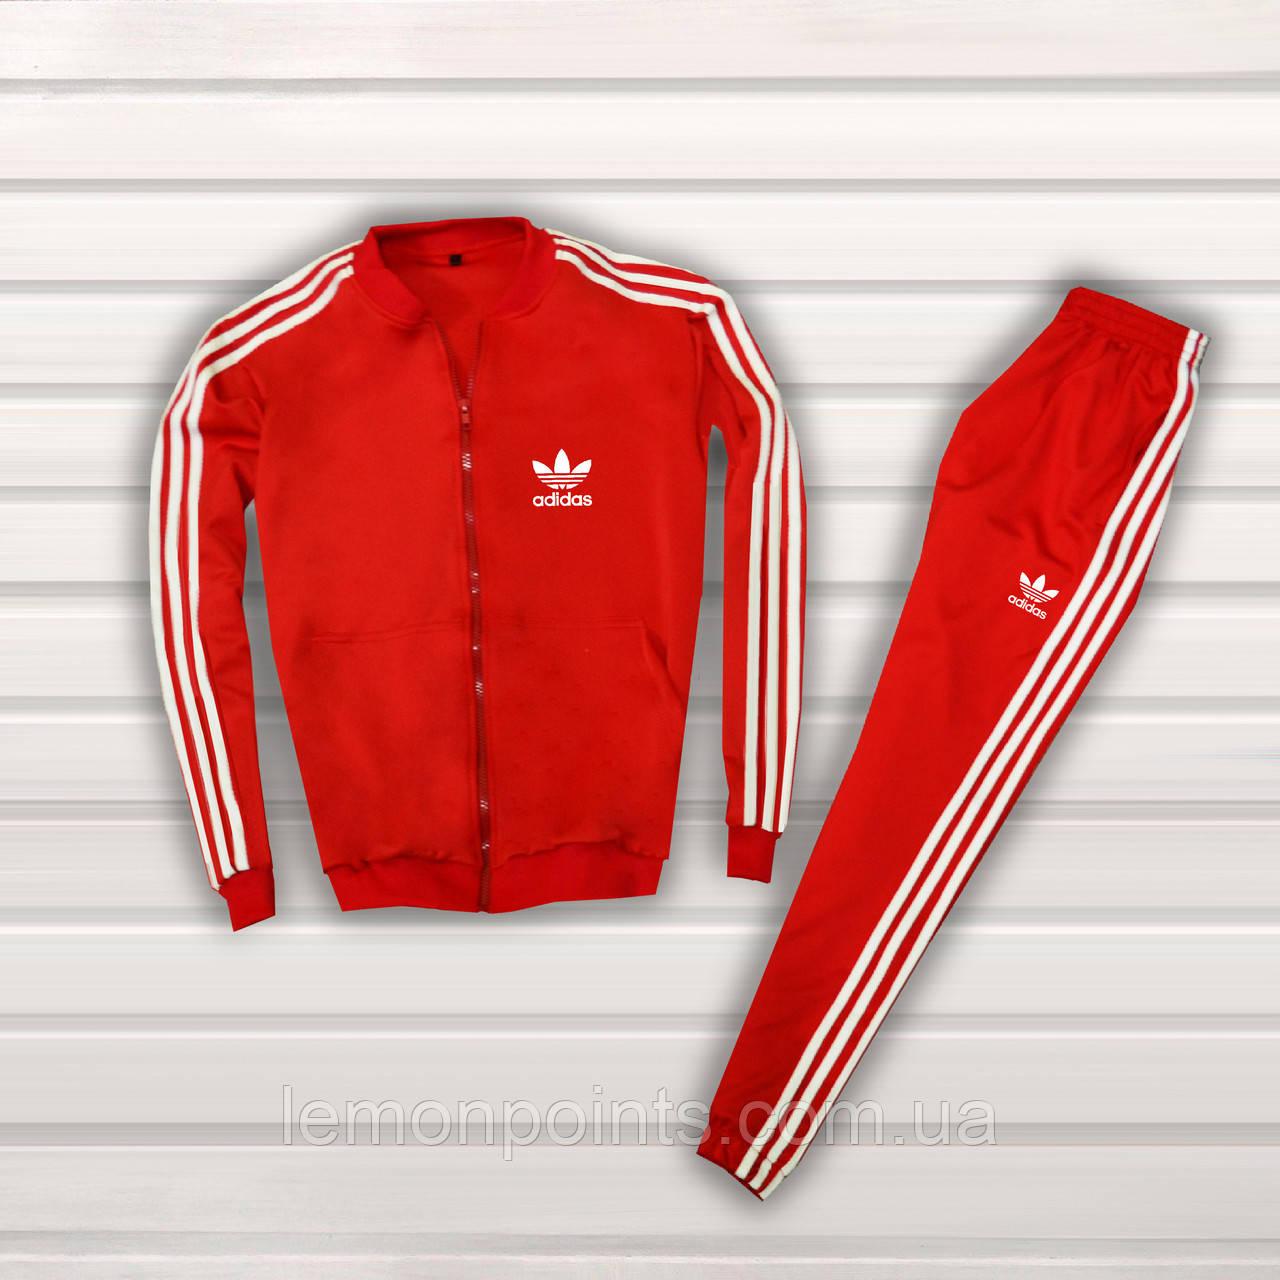 Мужской спортивный костюм (кофта+штаны), чоловічий спортивний костюм Adidas адидас